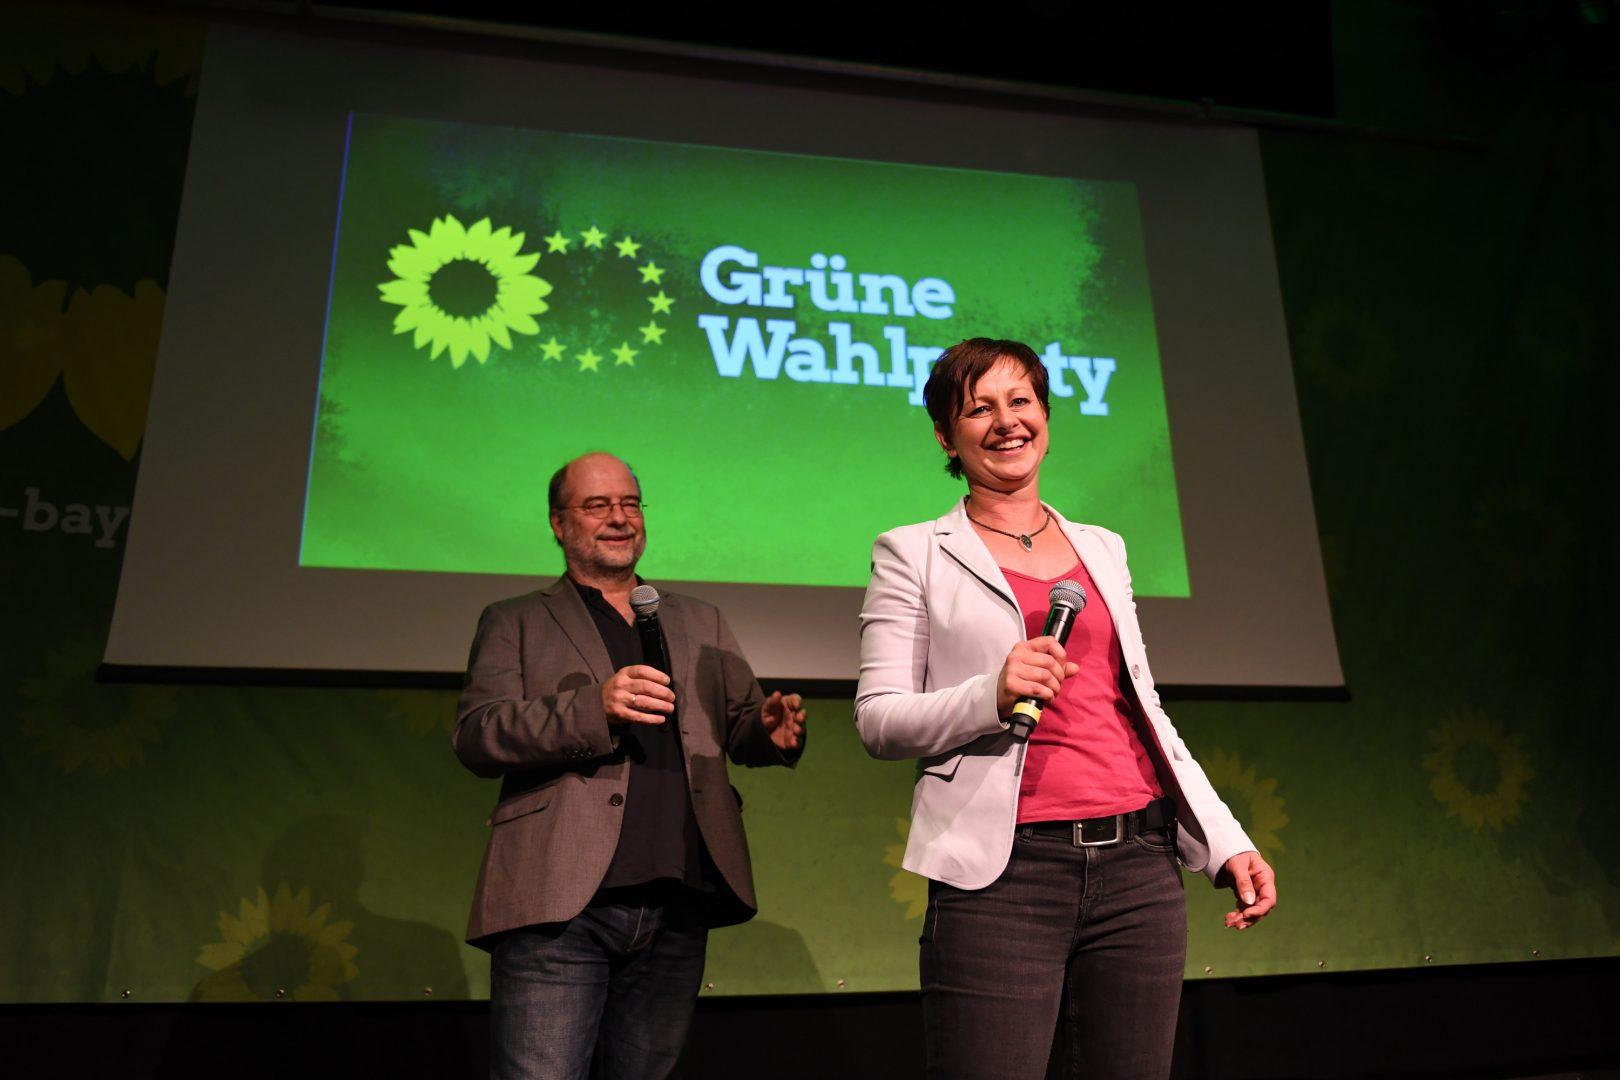 Sigi Hagl und Eike Hallitzky begrüßen die Grünen auf der Wahlparty